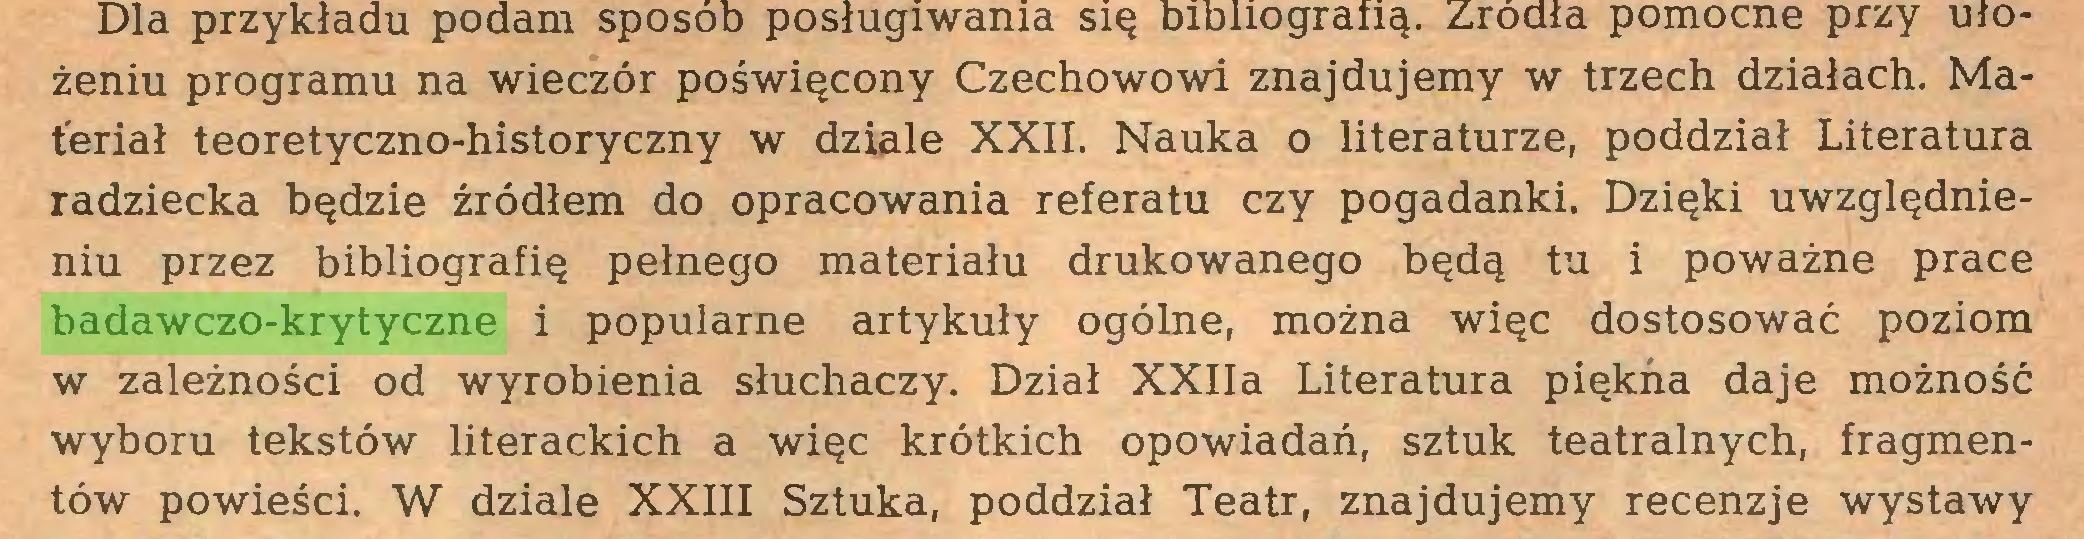 (...) żeniu programu na wieczór poświęcony Czechowowi znajdujemy w trzech działach. Materiał teoretyczno-historyczny w dziale XXII. Nauka o literaturze, poddział Literatura radziecka będzie źródłem do opracowania referatu czy pogadanki. Dzięki uwzględnieniu przez bibliografię pełnego materiału drukowanego będą tu i poważne prace badawczo-krytyczne i popularne artykuły ogólne, można więc dostosować poziom w zależności od wyrobienia słuchaczy. Dział XXIIa Literatura piękna daje możność wyboru tekstów literackich a więc krótkich opowiadań, sztuk teatralnych, fragmentów powieści. W dziale XXIII Sztuka, poddział Teatr, znajdujemy recenzje wystawy...